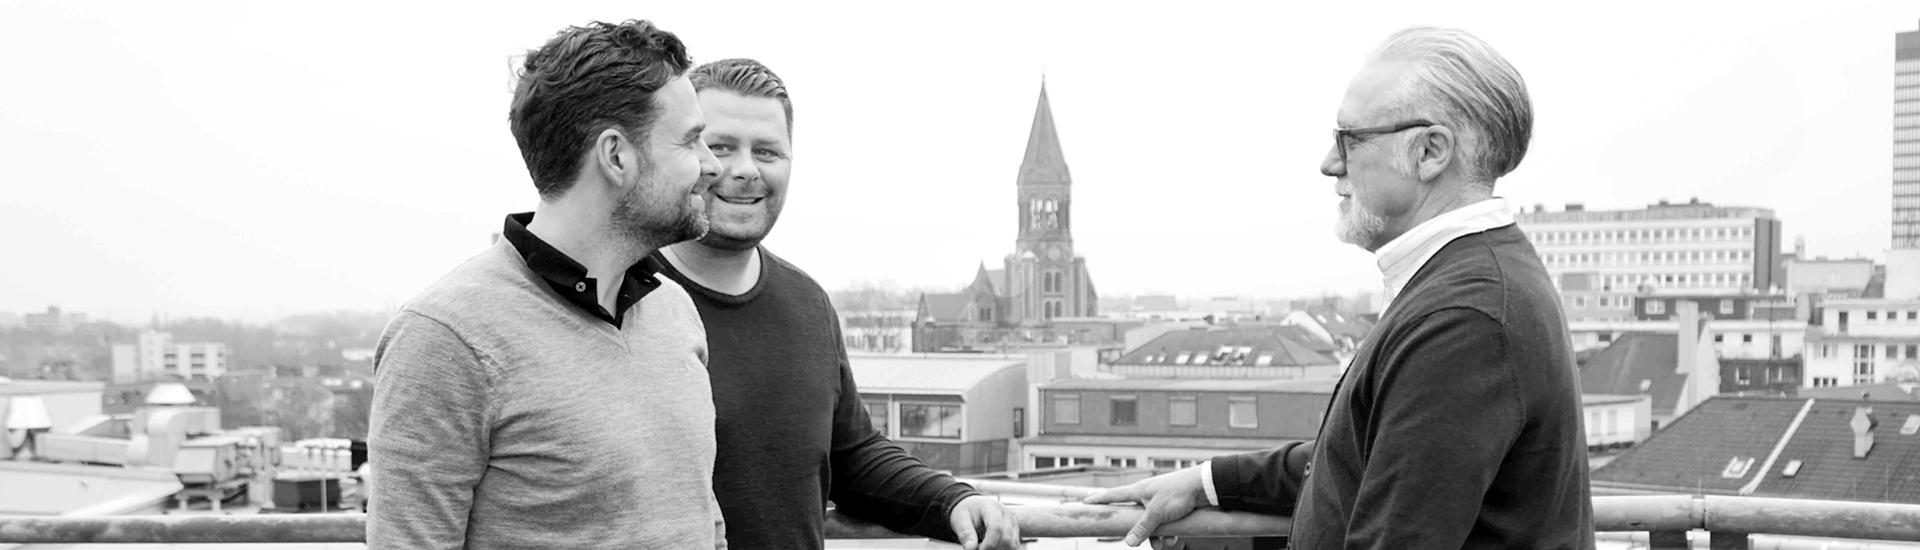 Ansprechpartner für Dacheindeckung und Fassadenbau aus Essen